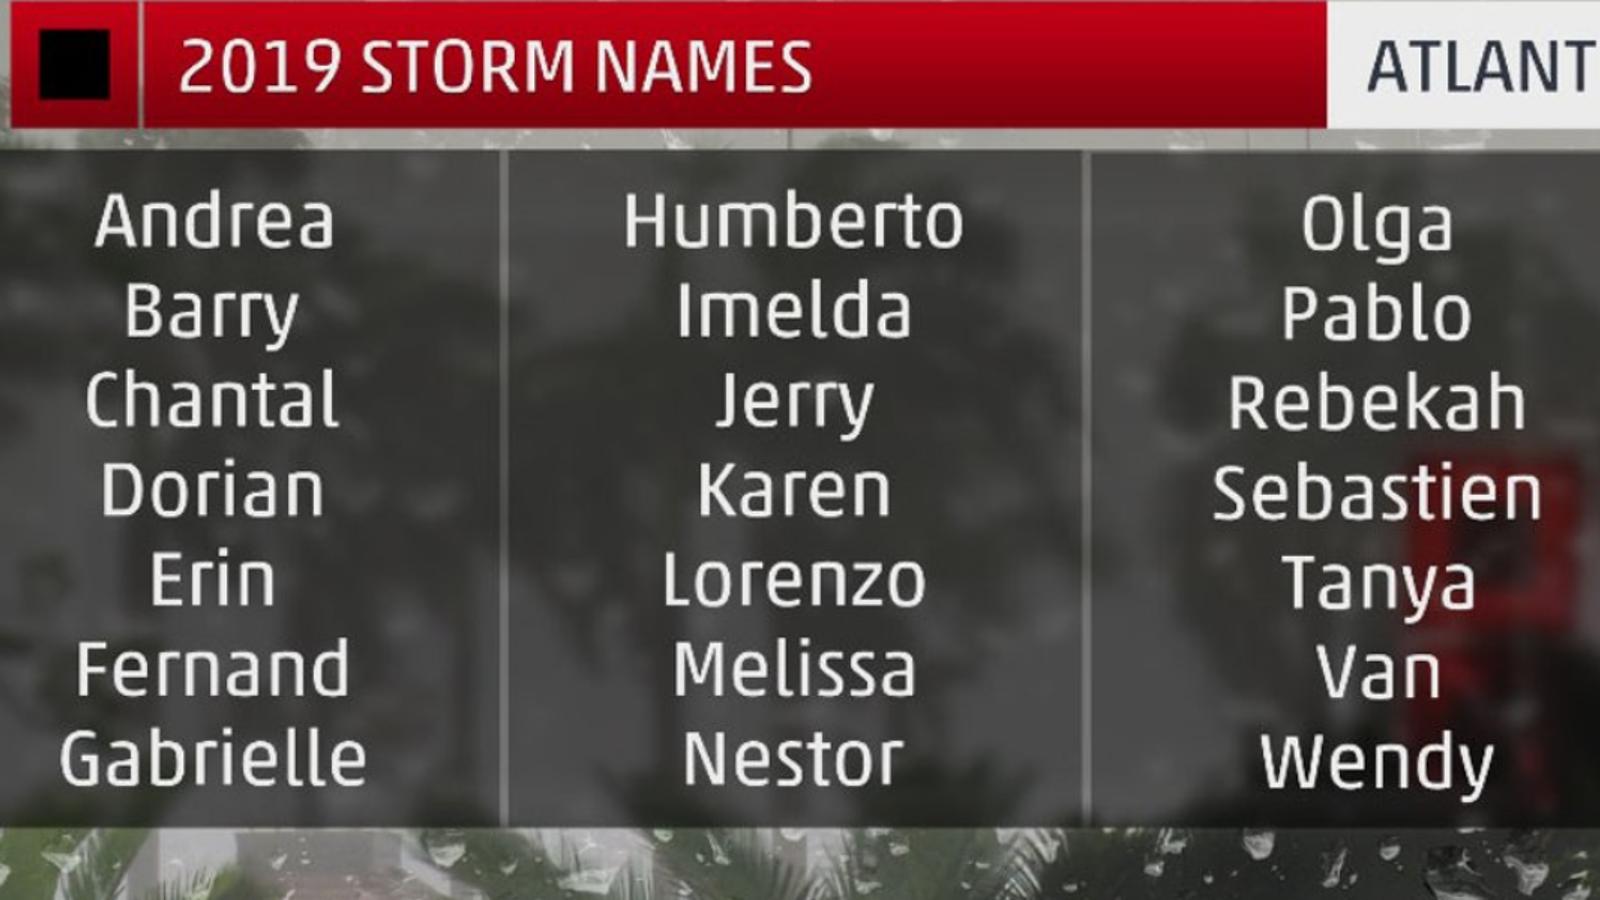 Andrea, Barry i Chantal encapçalen la llista de noms d'huracans d'aquesta temporada